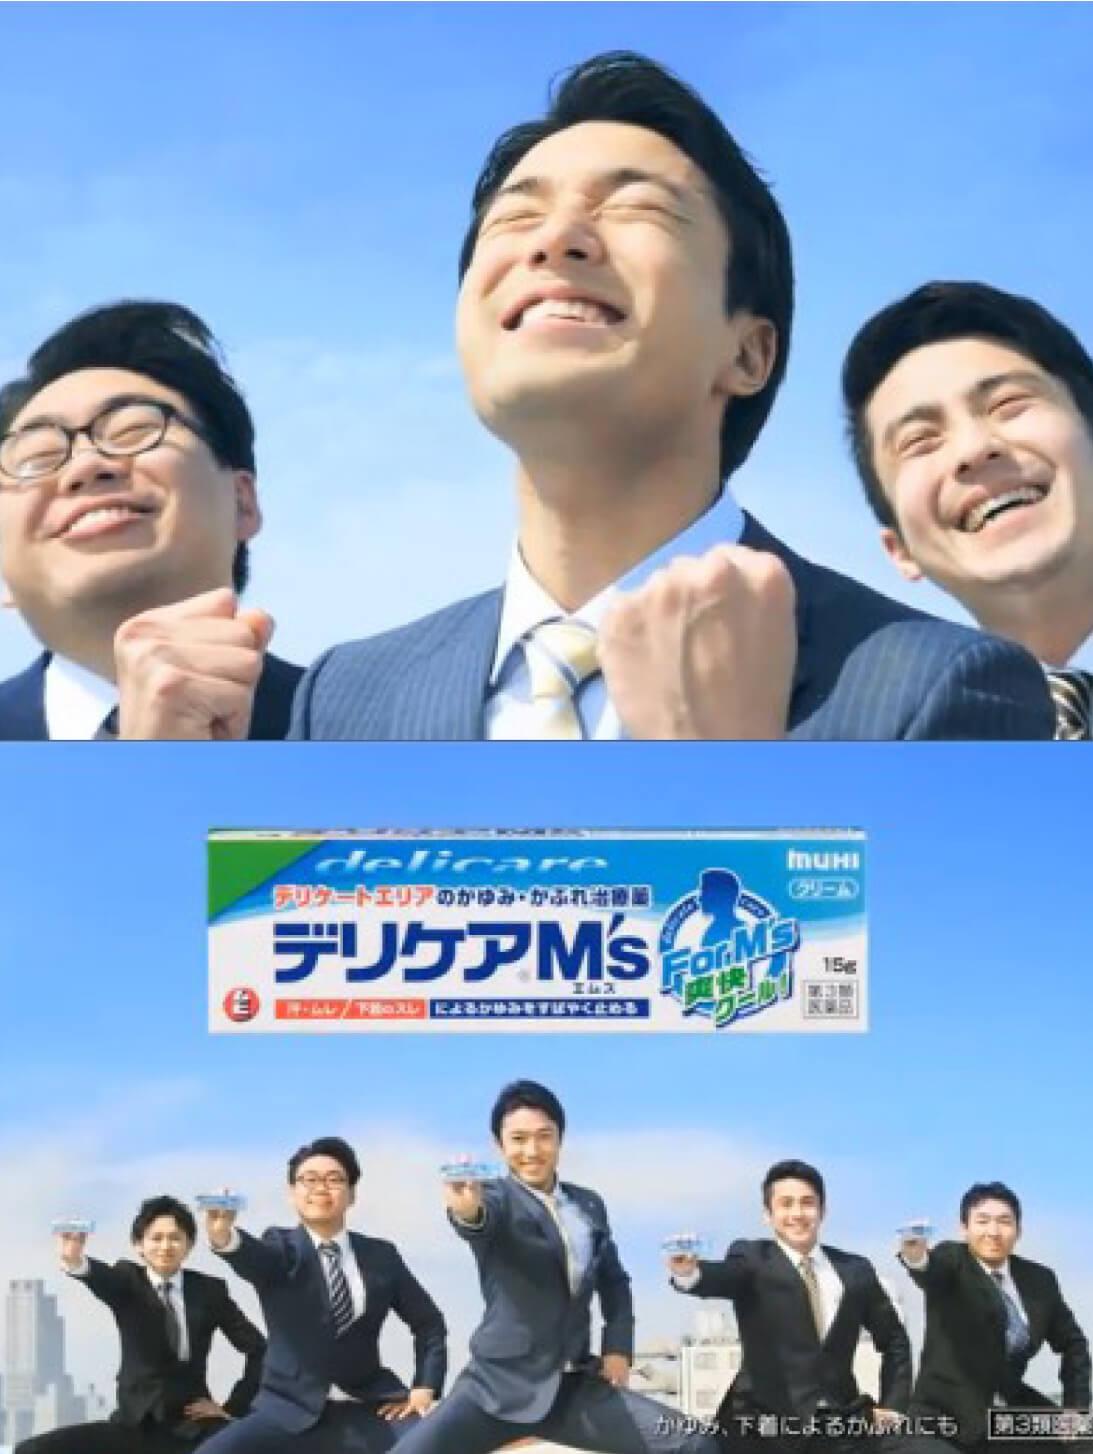 matsukiyo<span>/ B-TOKYO</span>